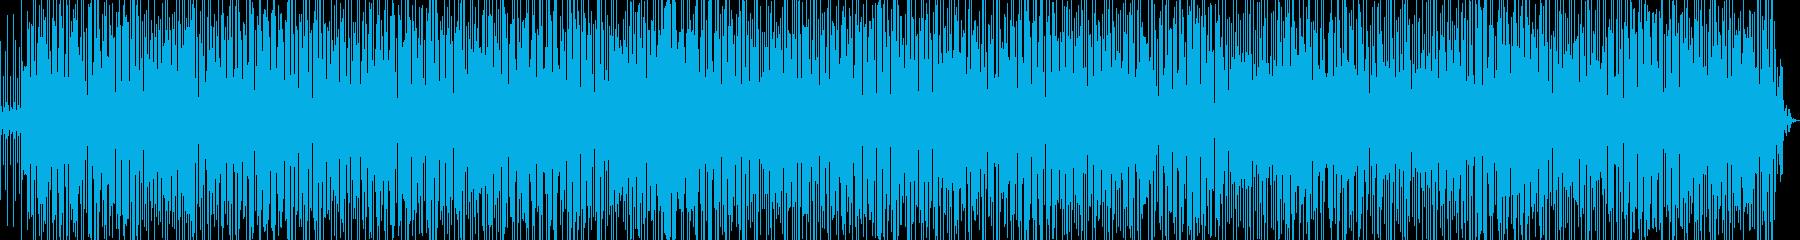 軽快なラテンファンク Ver.2-1の再生済みの波形